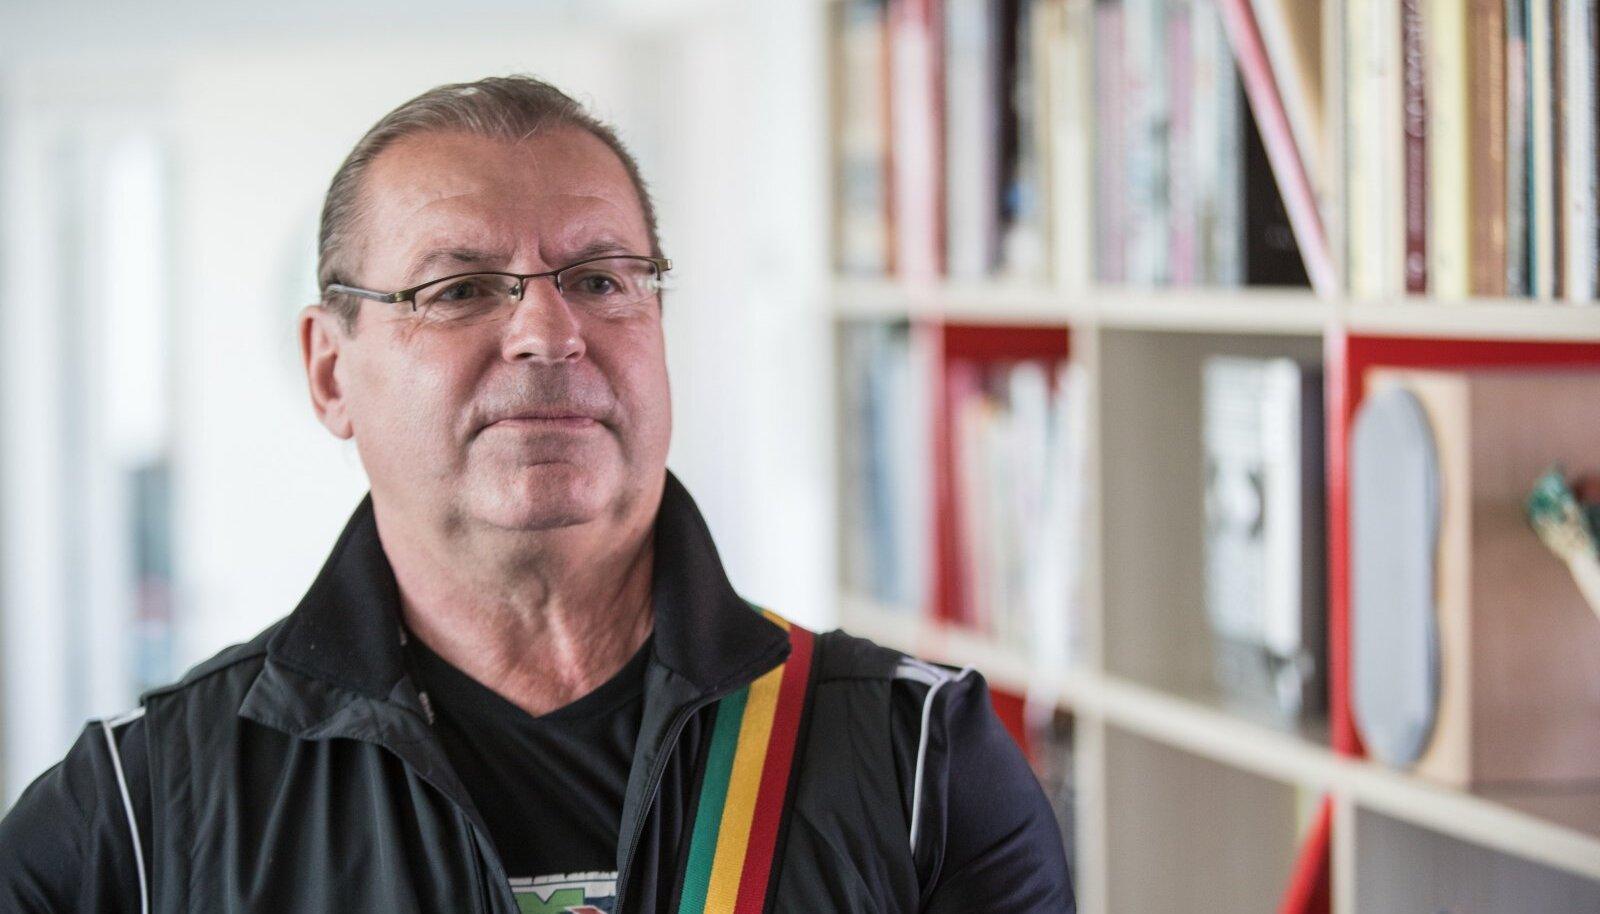 Erich Krieger